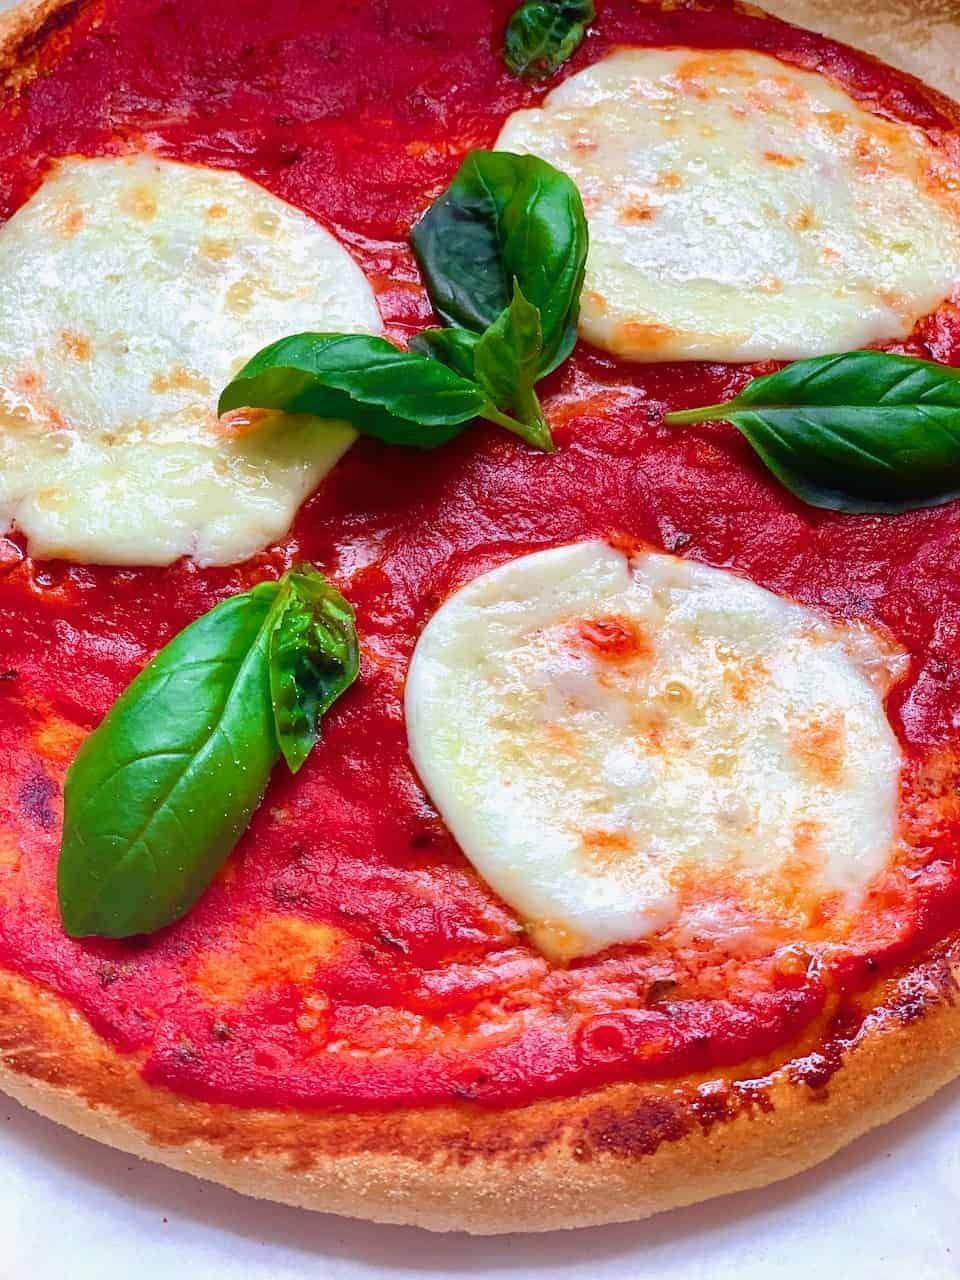 Tomato basil cheese Neapolitan pizza